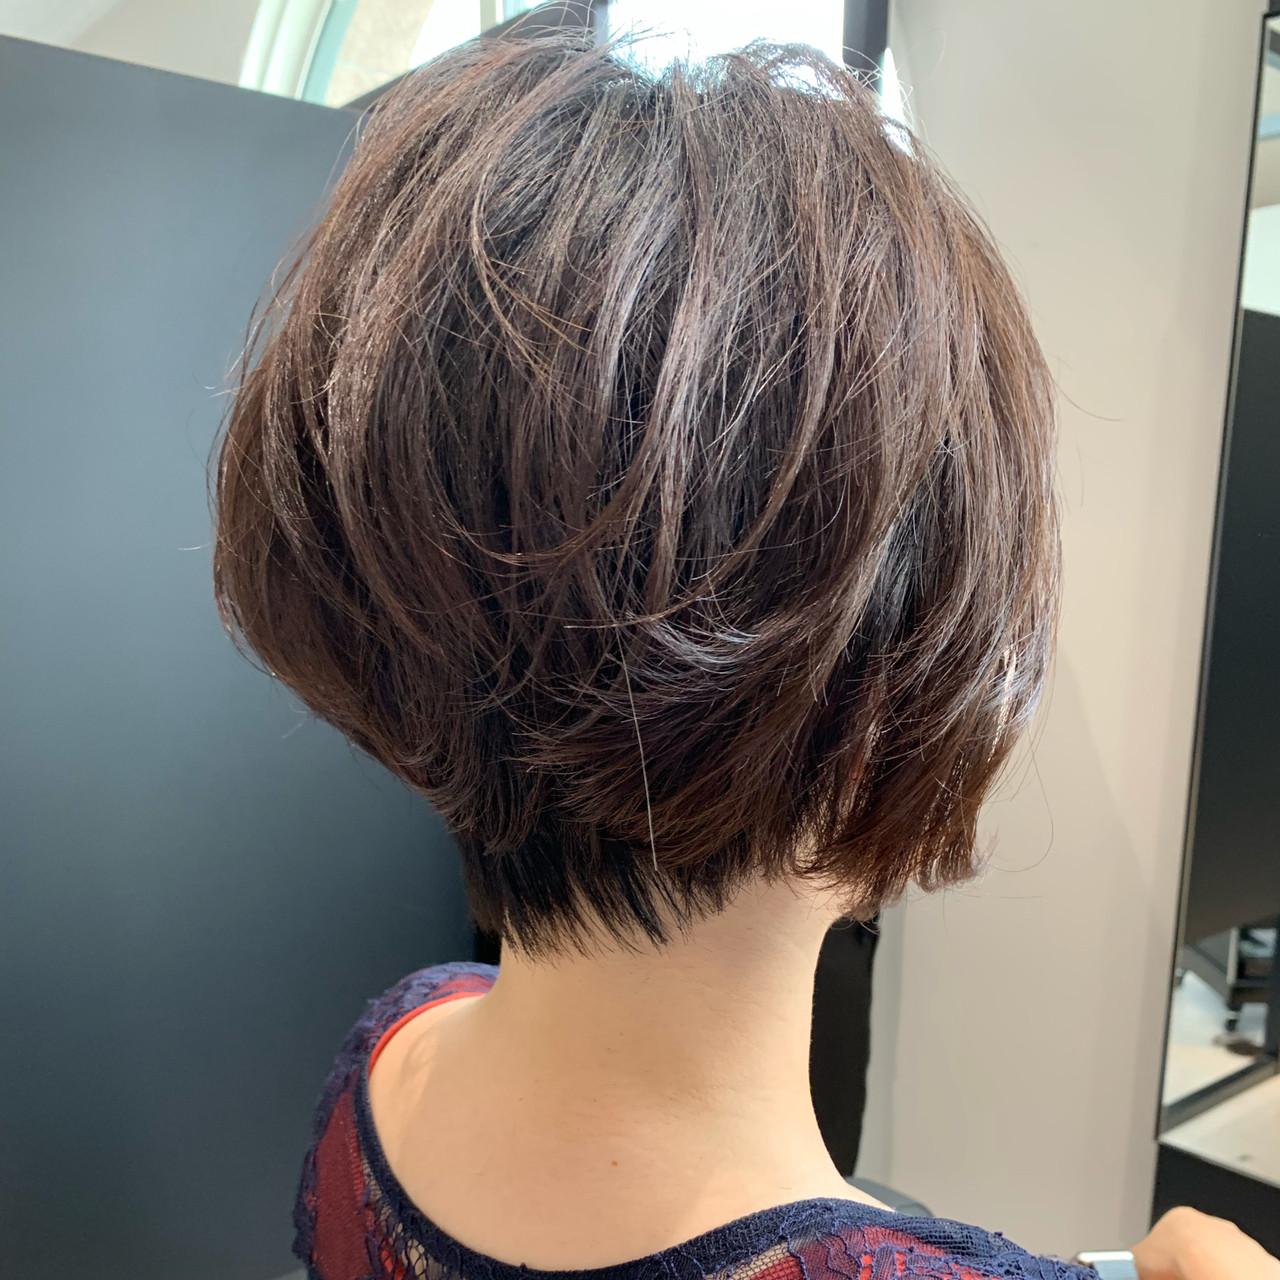 ナチュラル ショート デート 大人かわいい ヘアスタイルや髪型の写真・画像 | ショート職人 知花翔 / The Ect